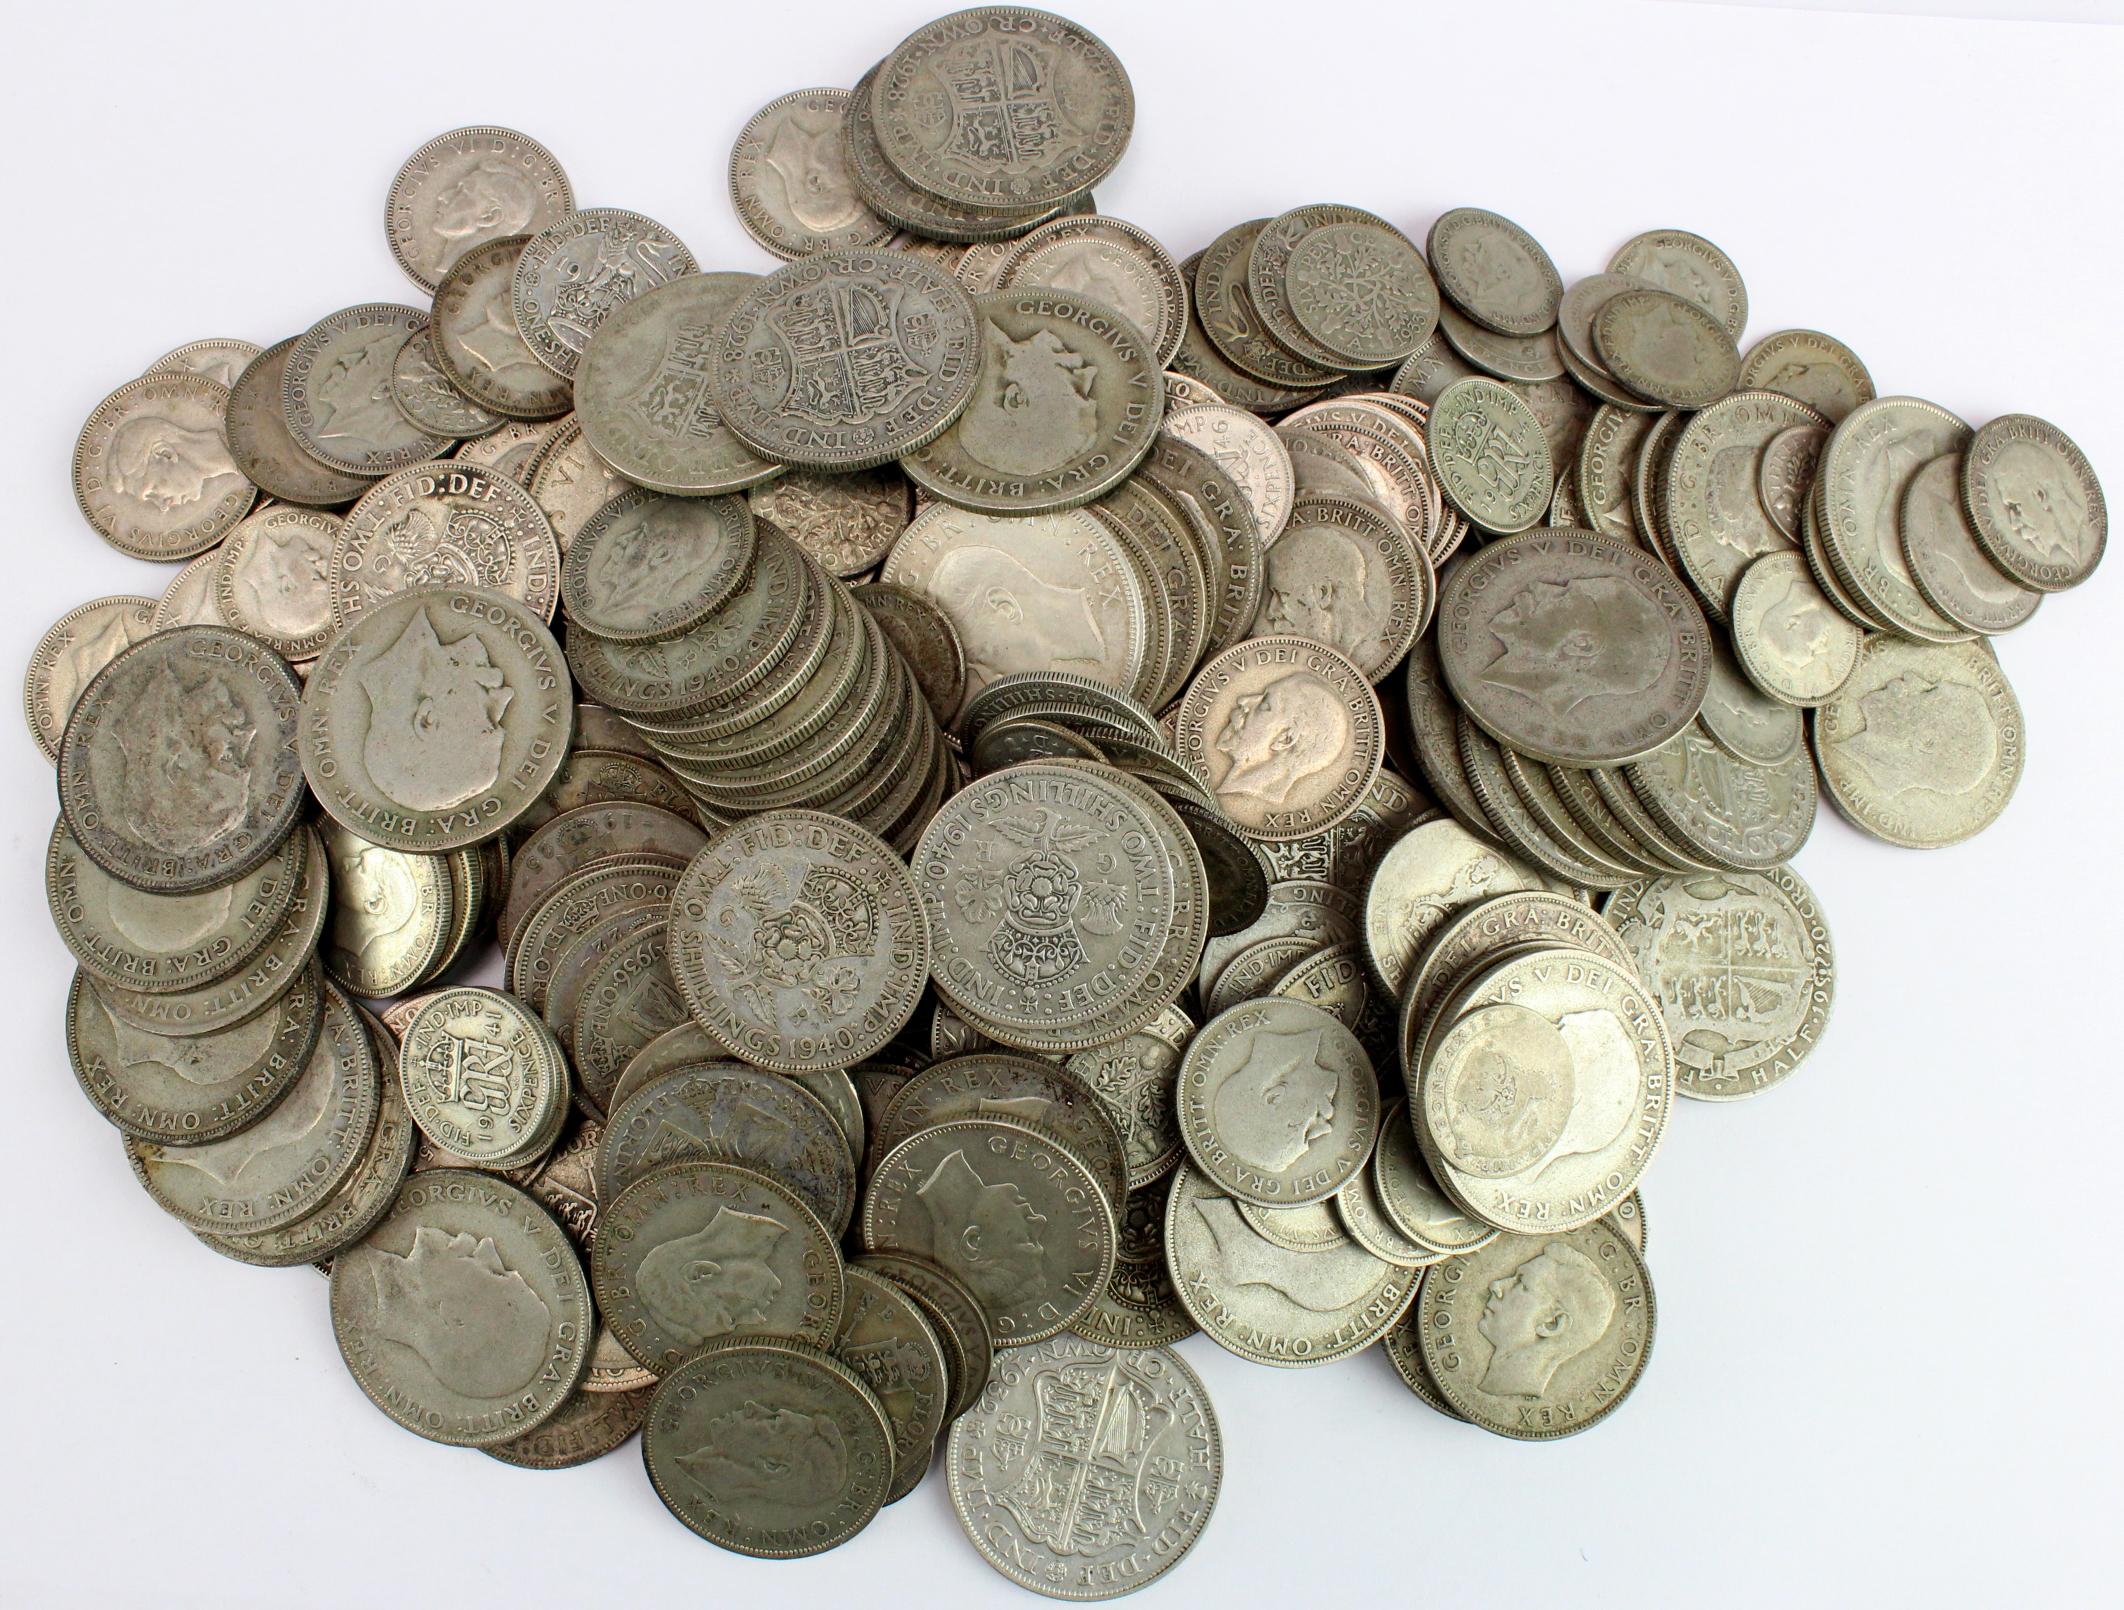 GB Pre-1947 Silver Coins 1764g